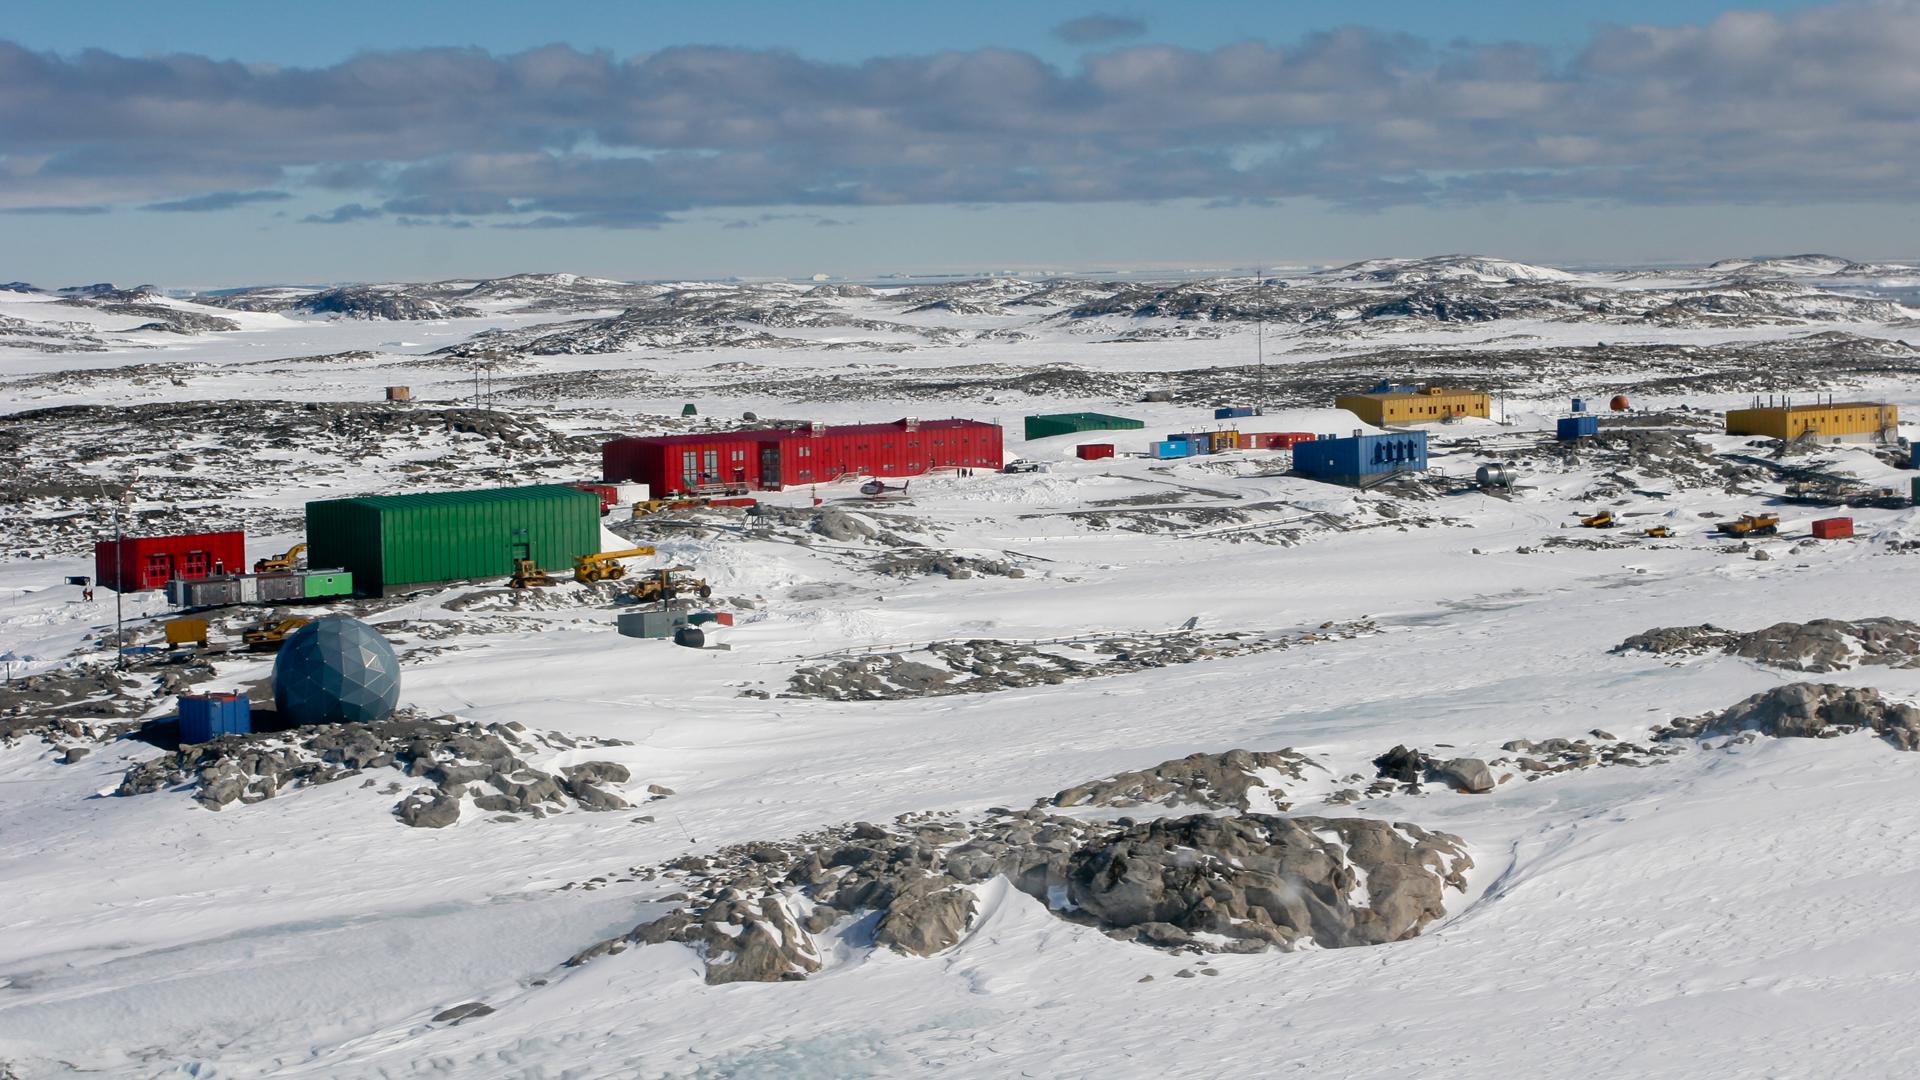 La Estación Casey pertenece a Australia y es donde los científicos hicieron base para sus investigaciones